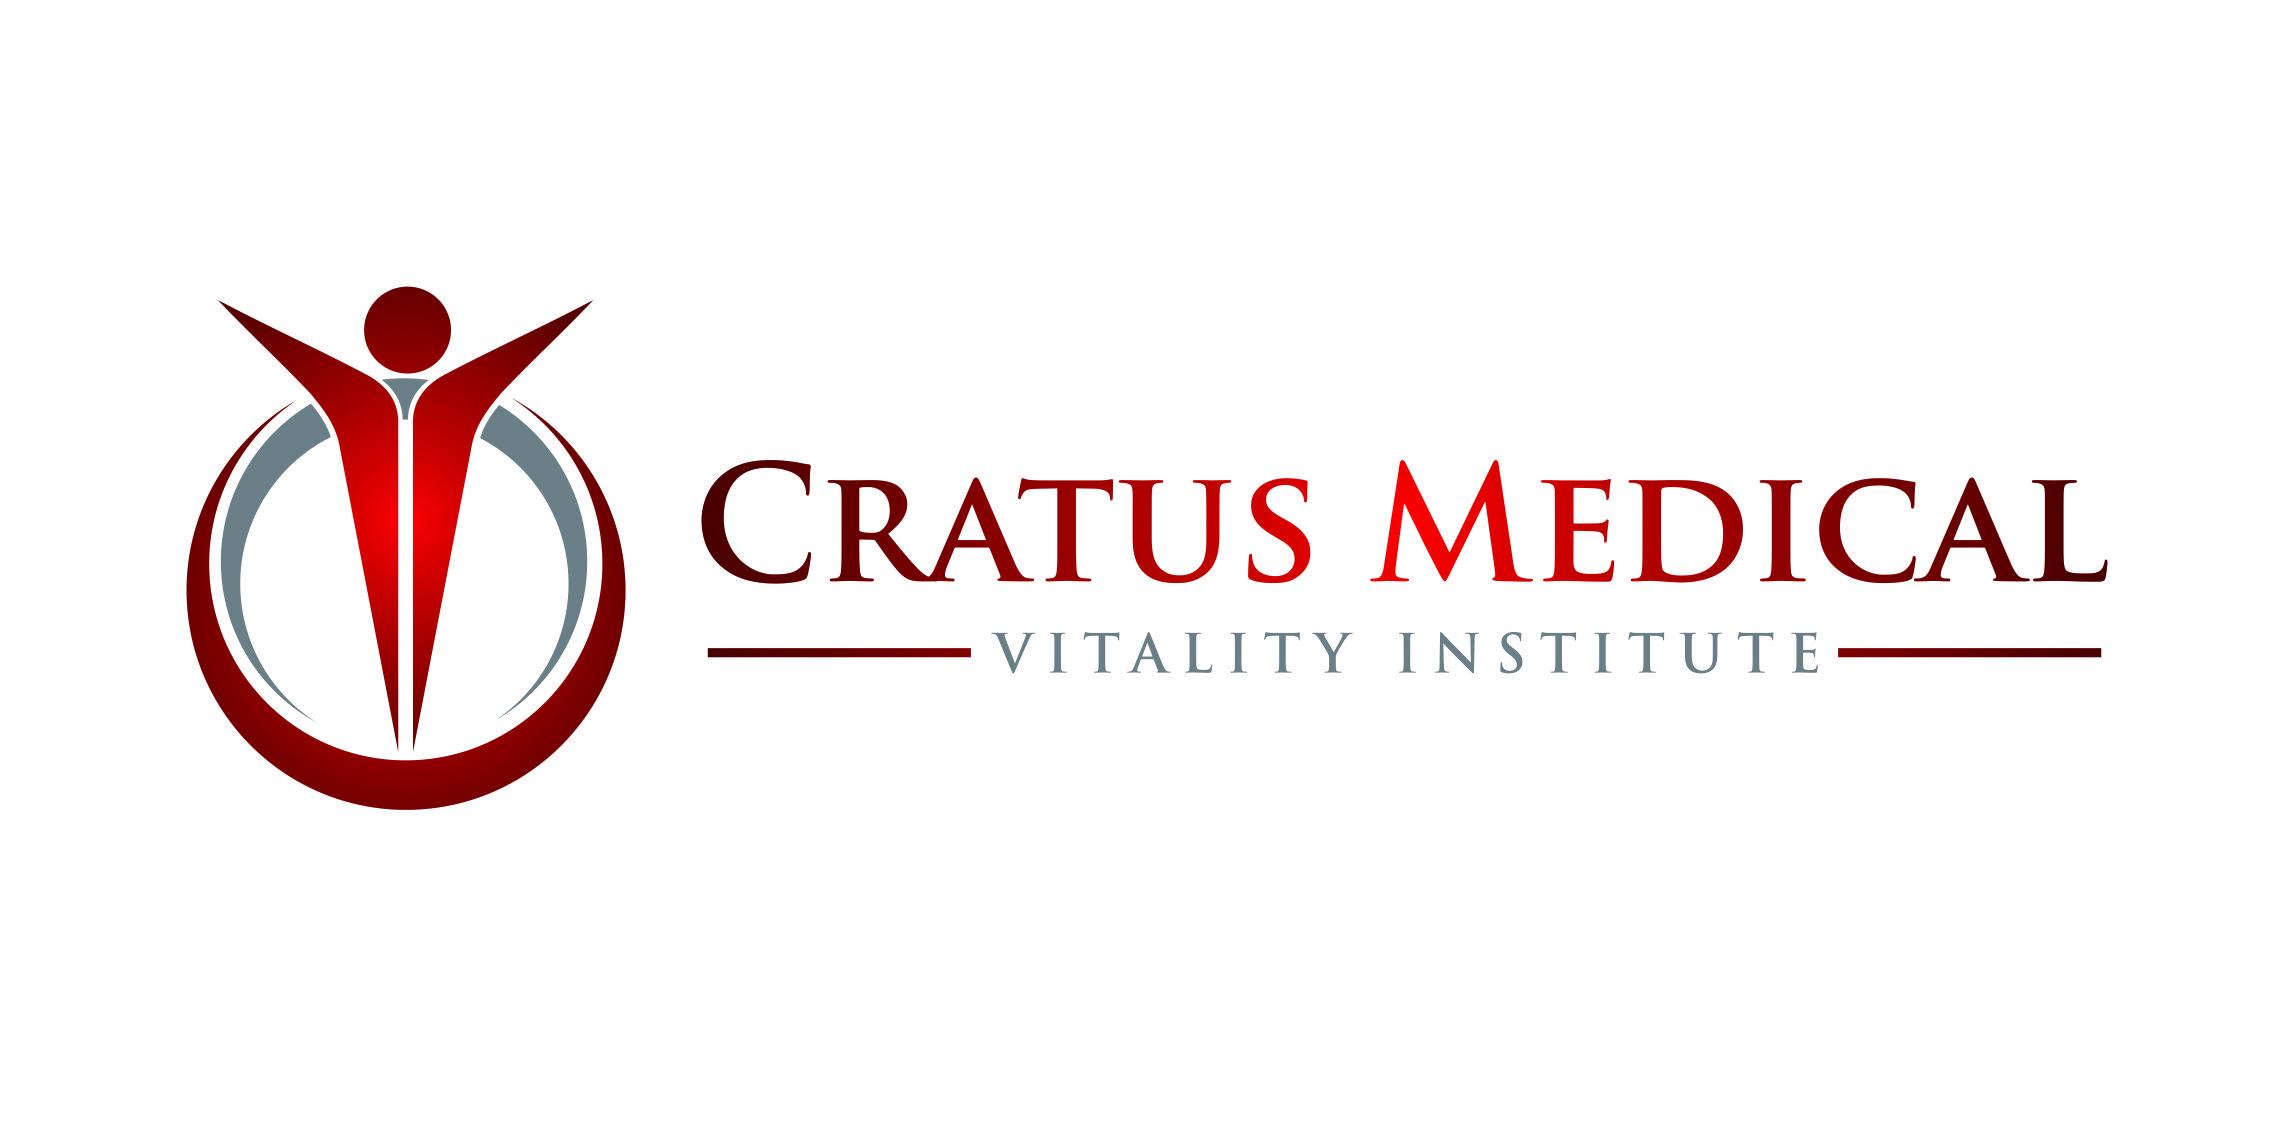 Cratus medical 1